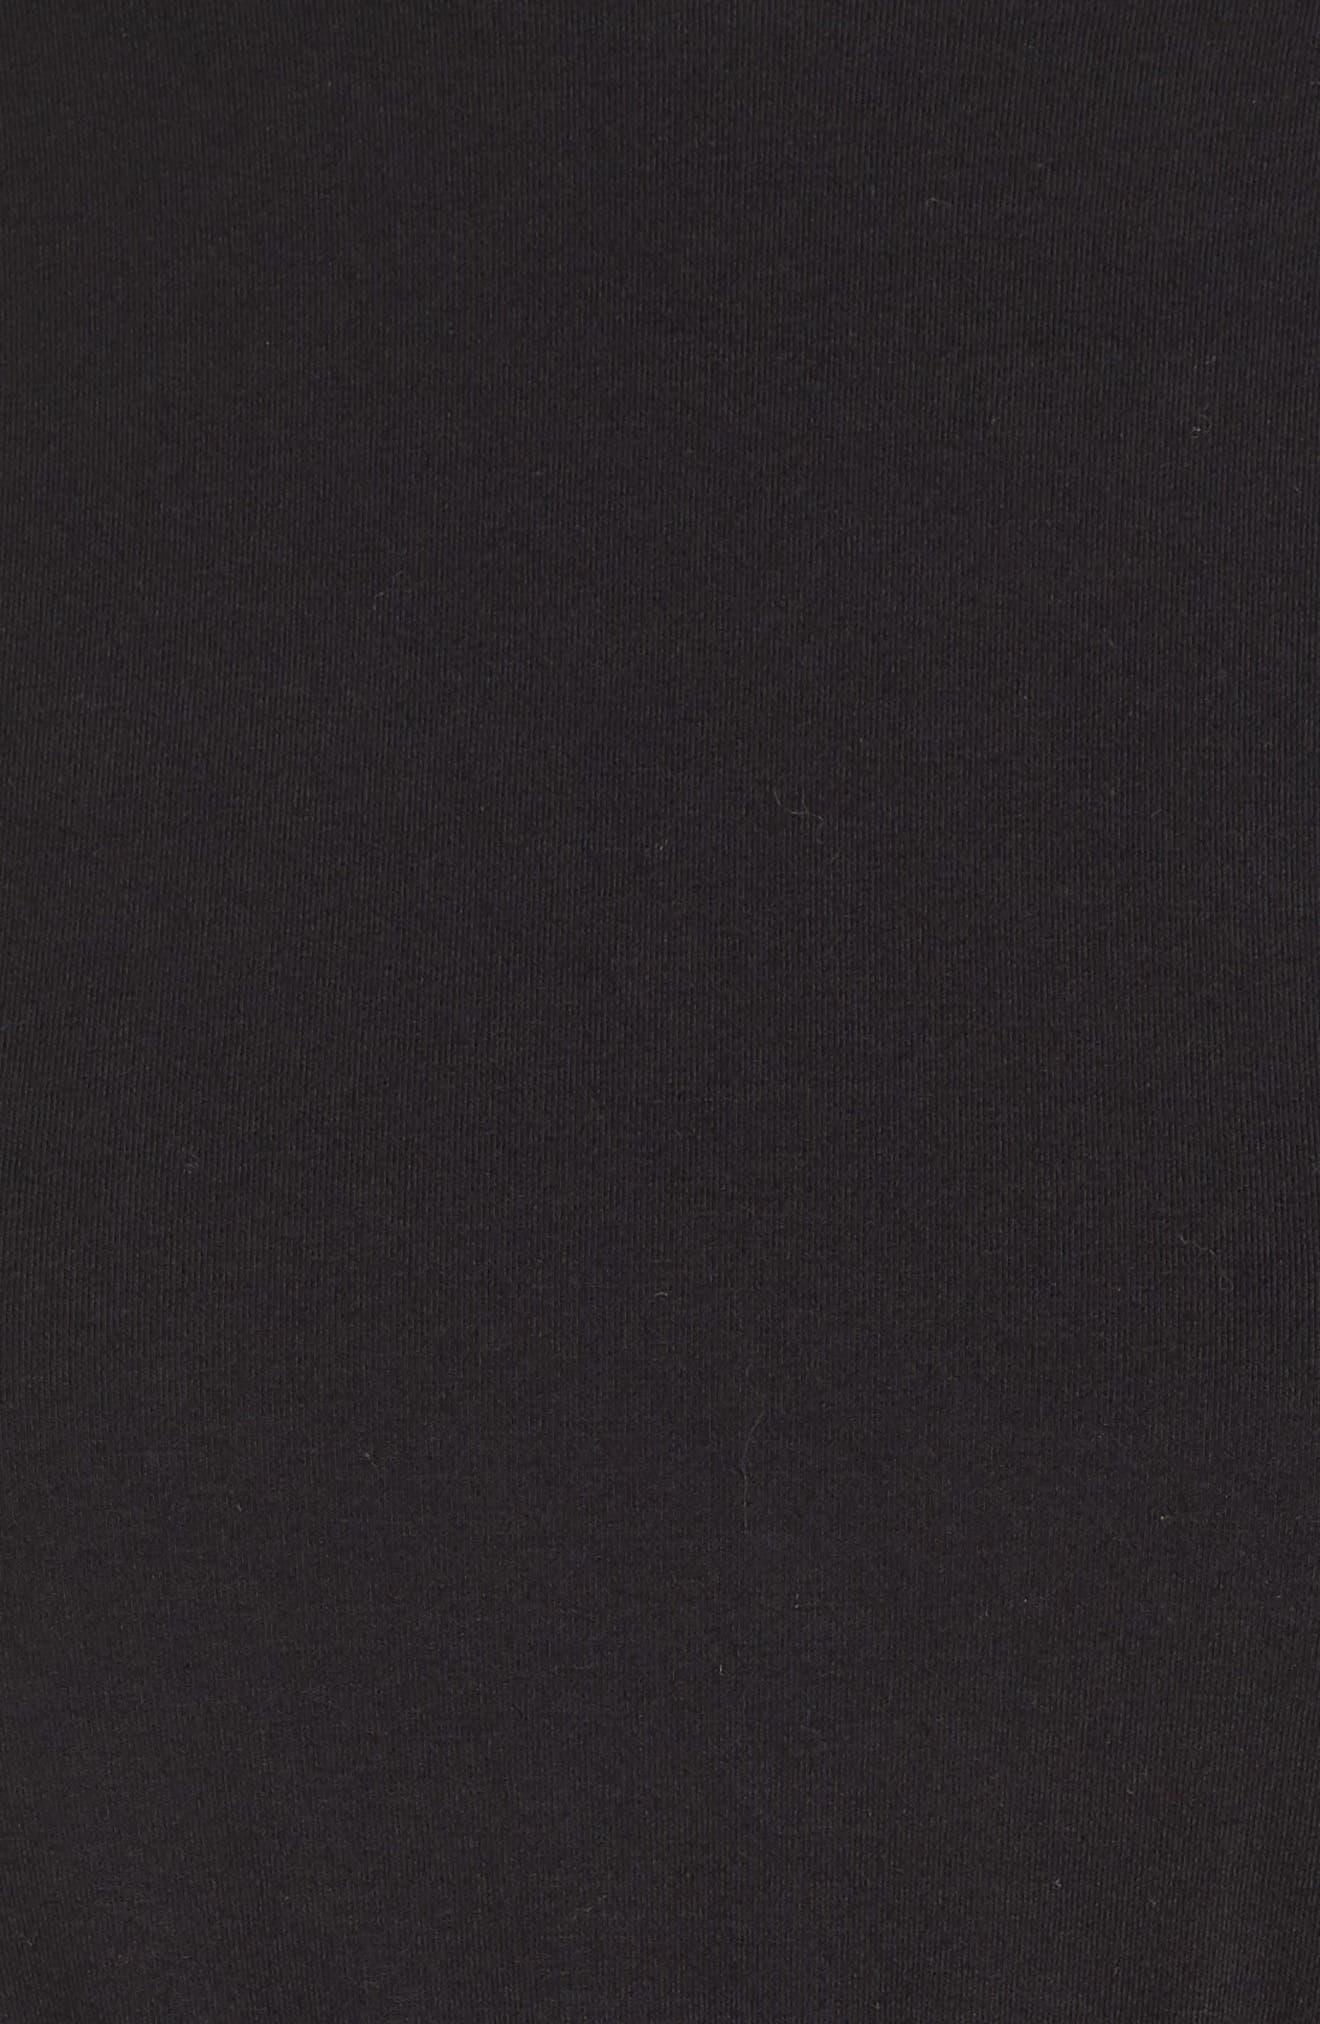 Tie Back Midi Dress,                             Alternate thumbnail 6, color,                             001